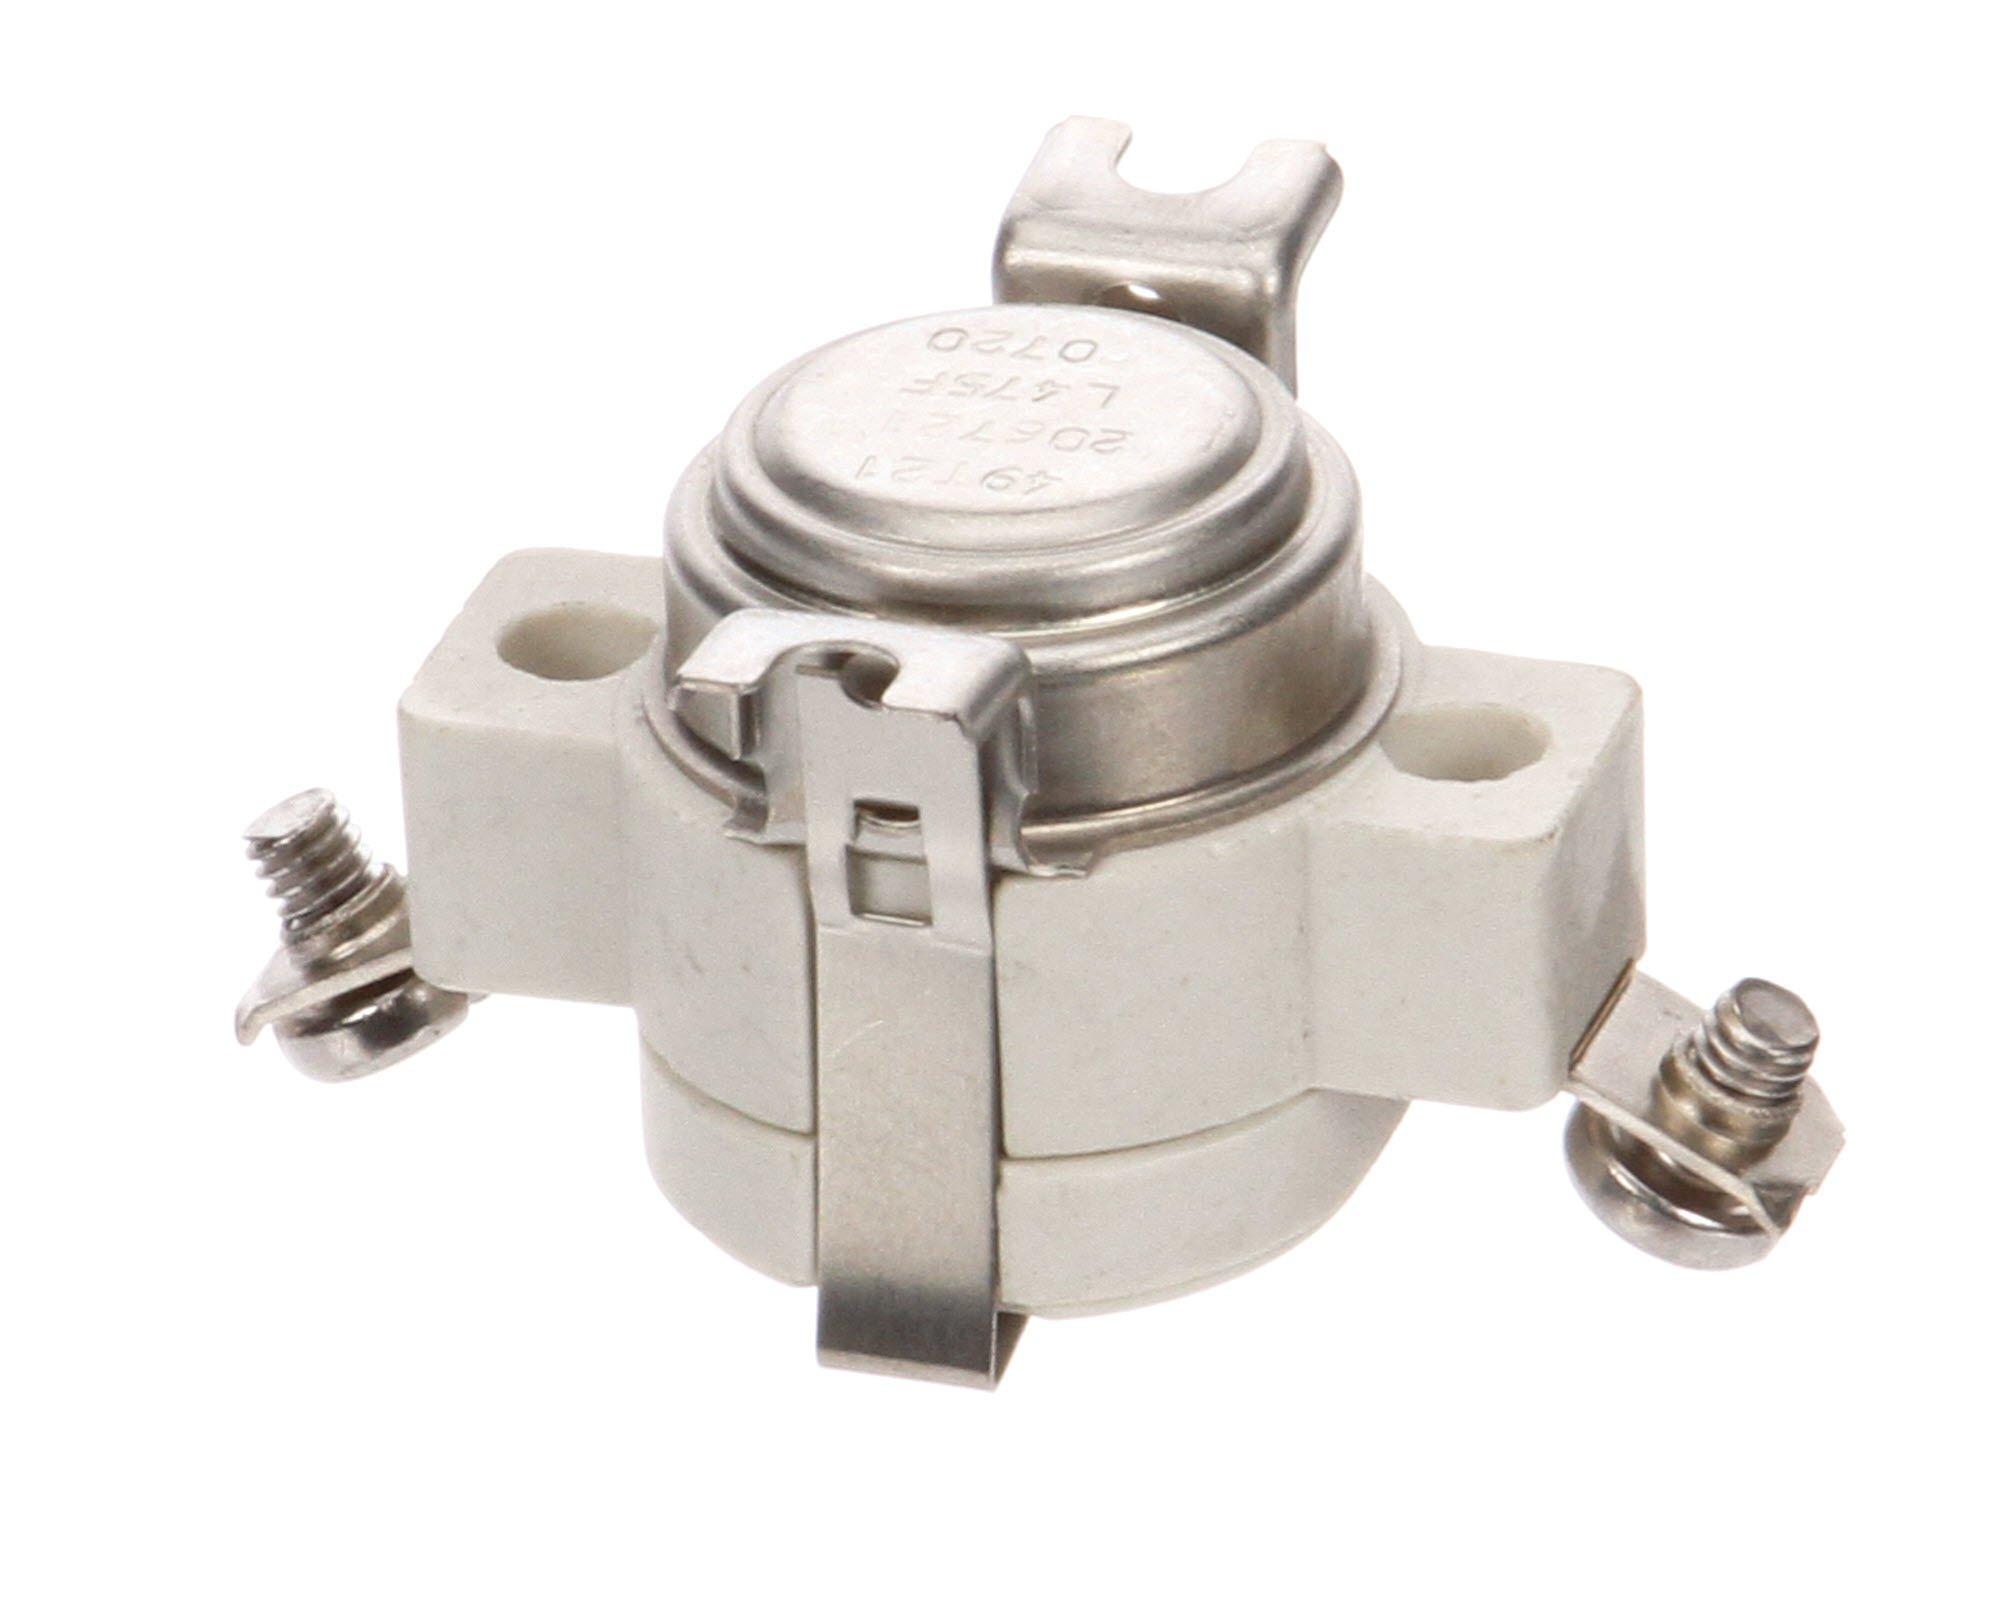 Blodgett 33300 Hi-Limit Thermal Switch